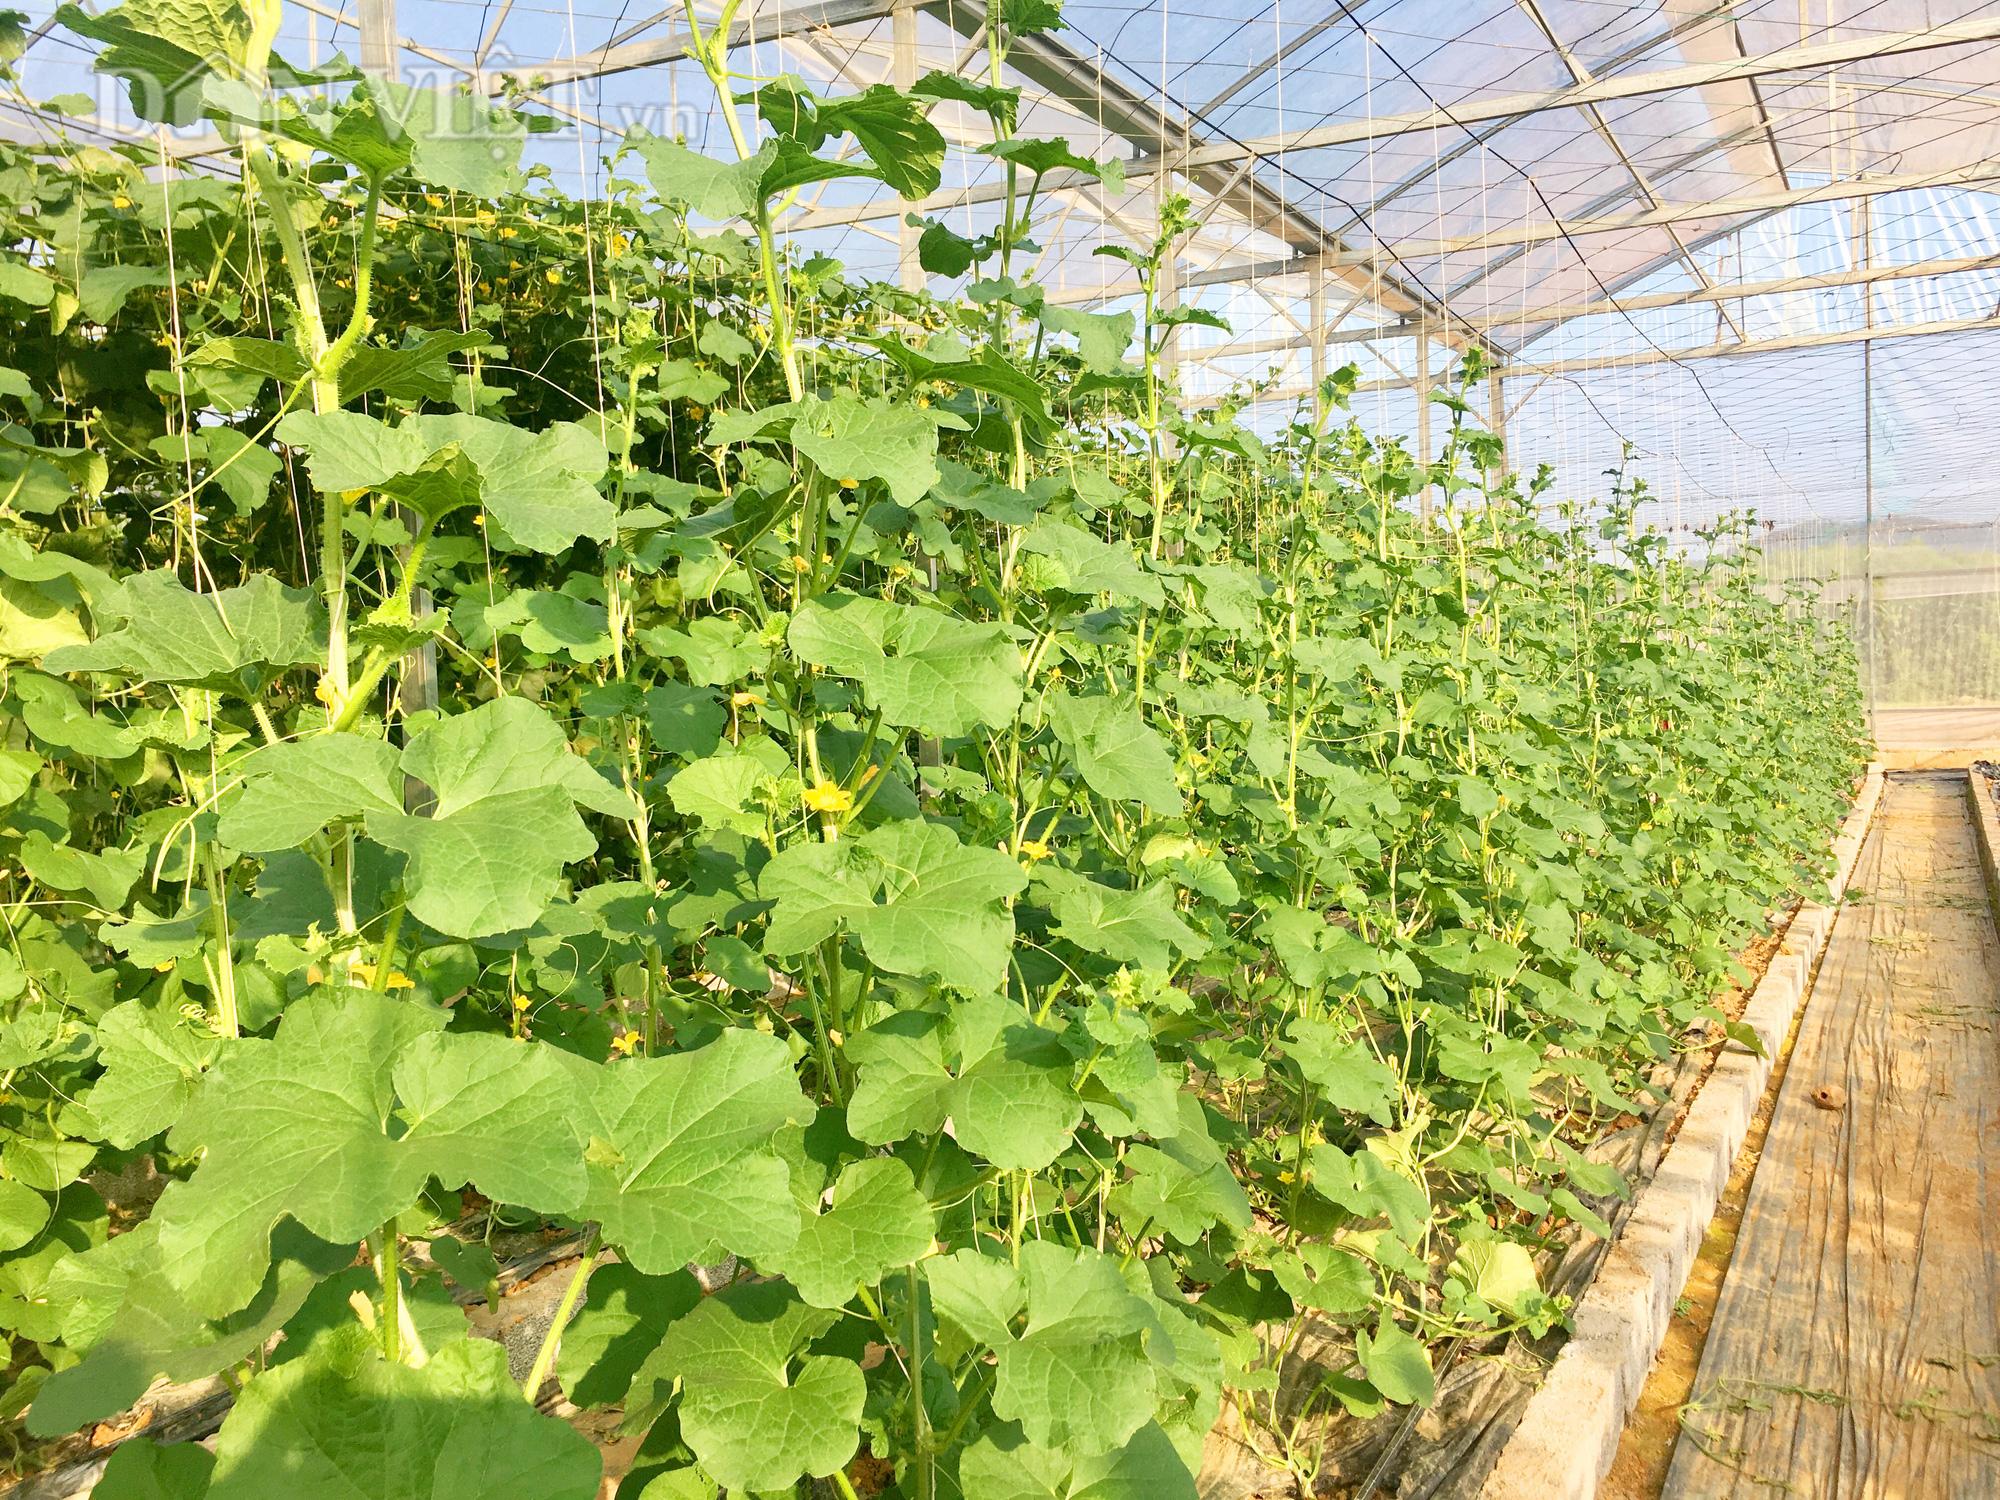 Hệ thống nhà kính trồng dưa lưới của gia đình anh Nguyễn Văn Tấn. Ảnh: PV